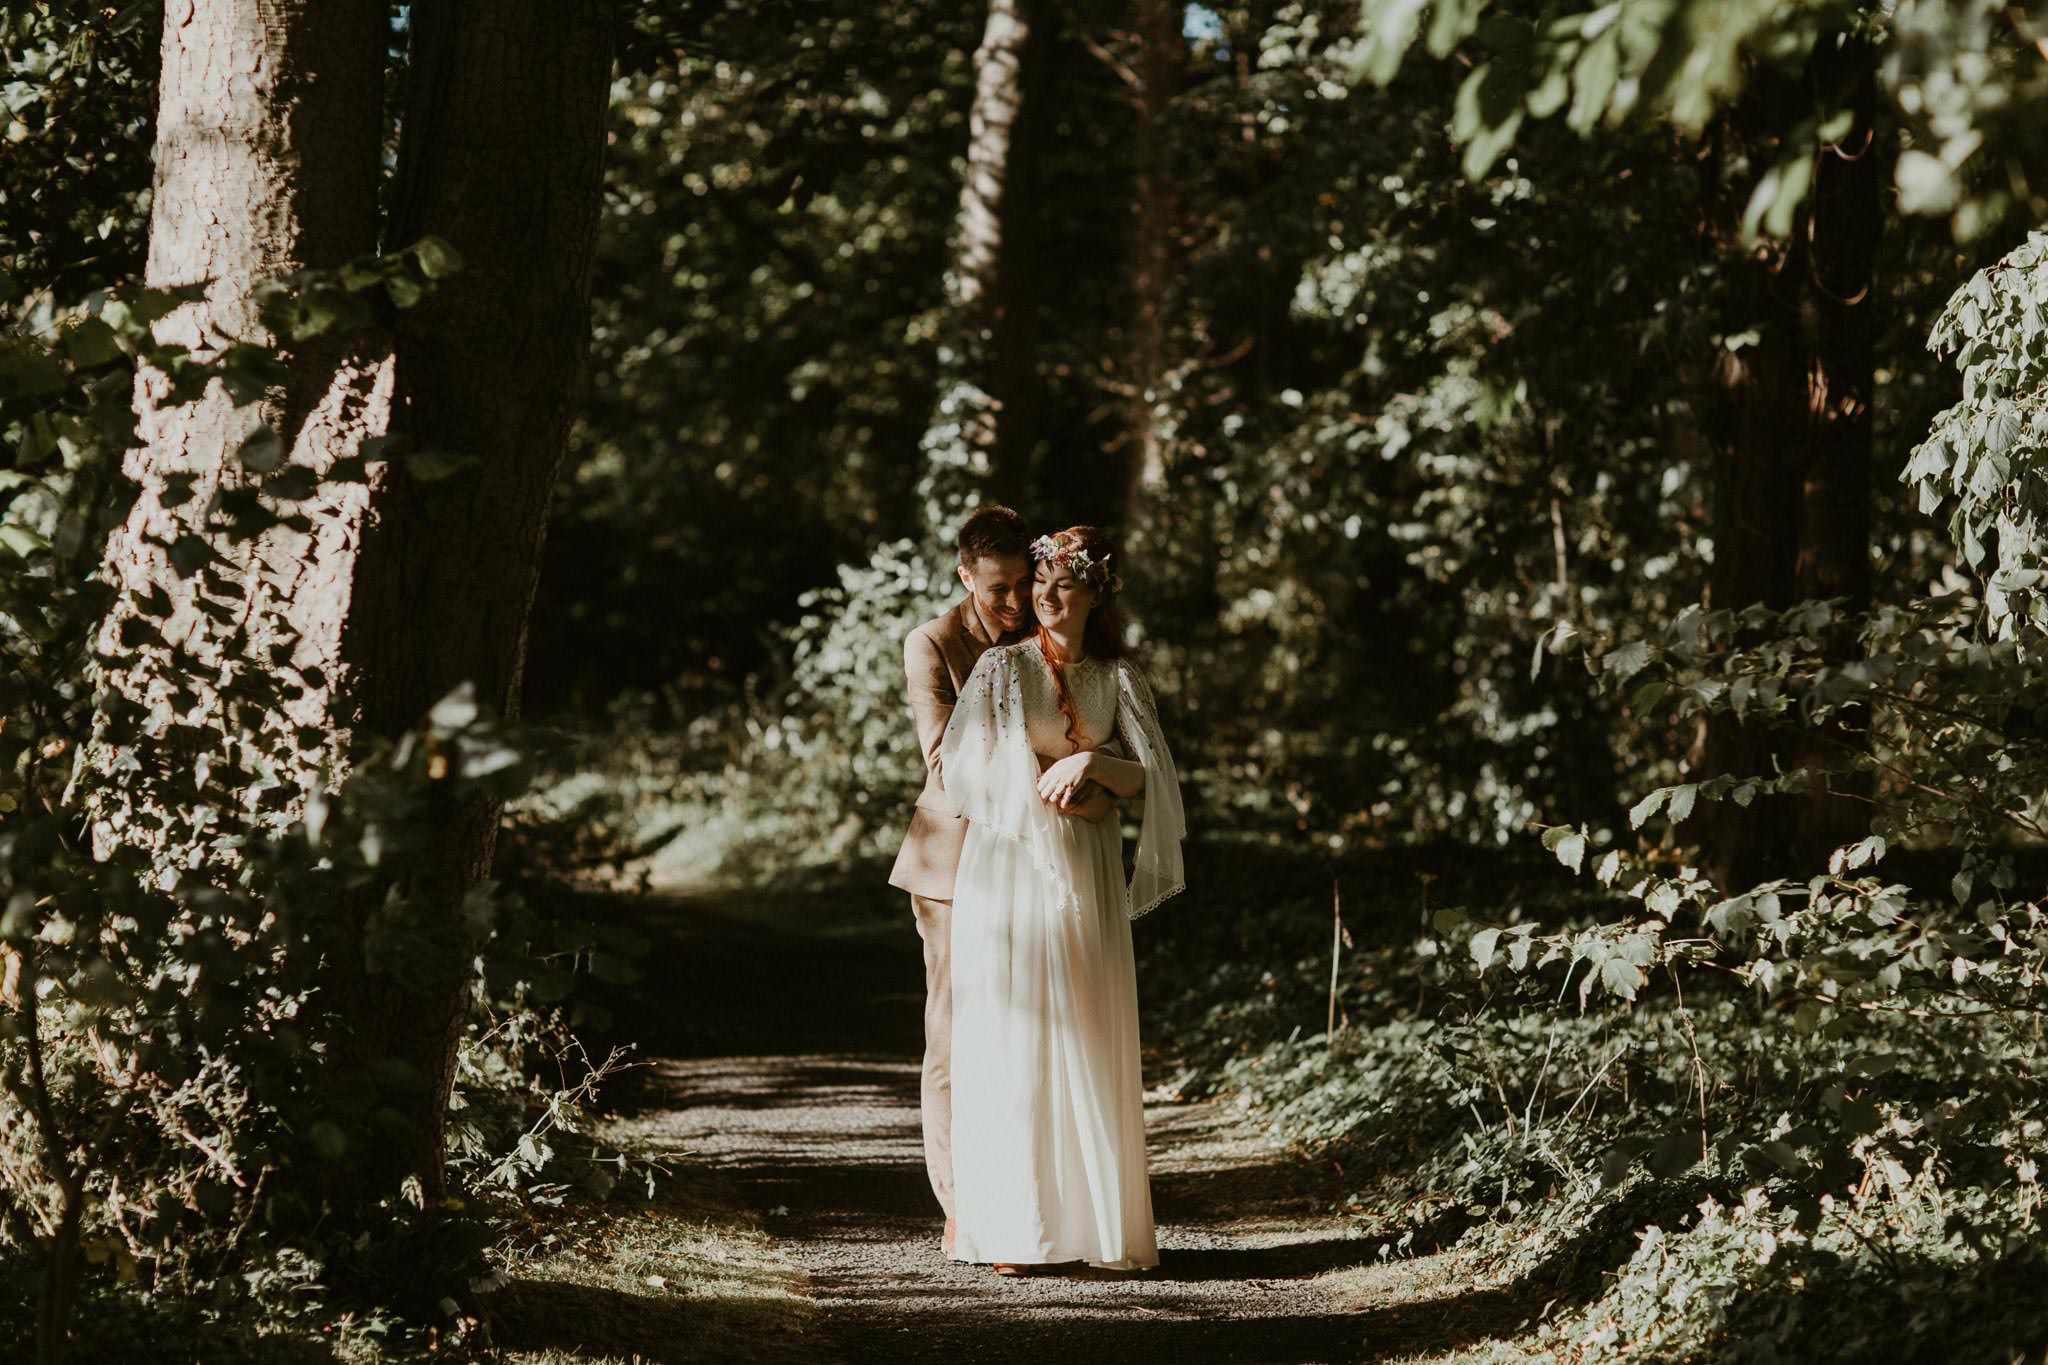 scottish-wedding-photography-102